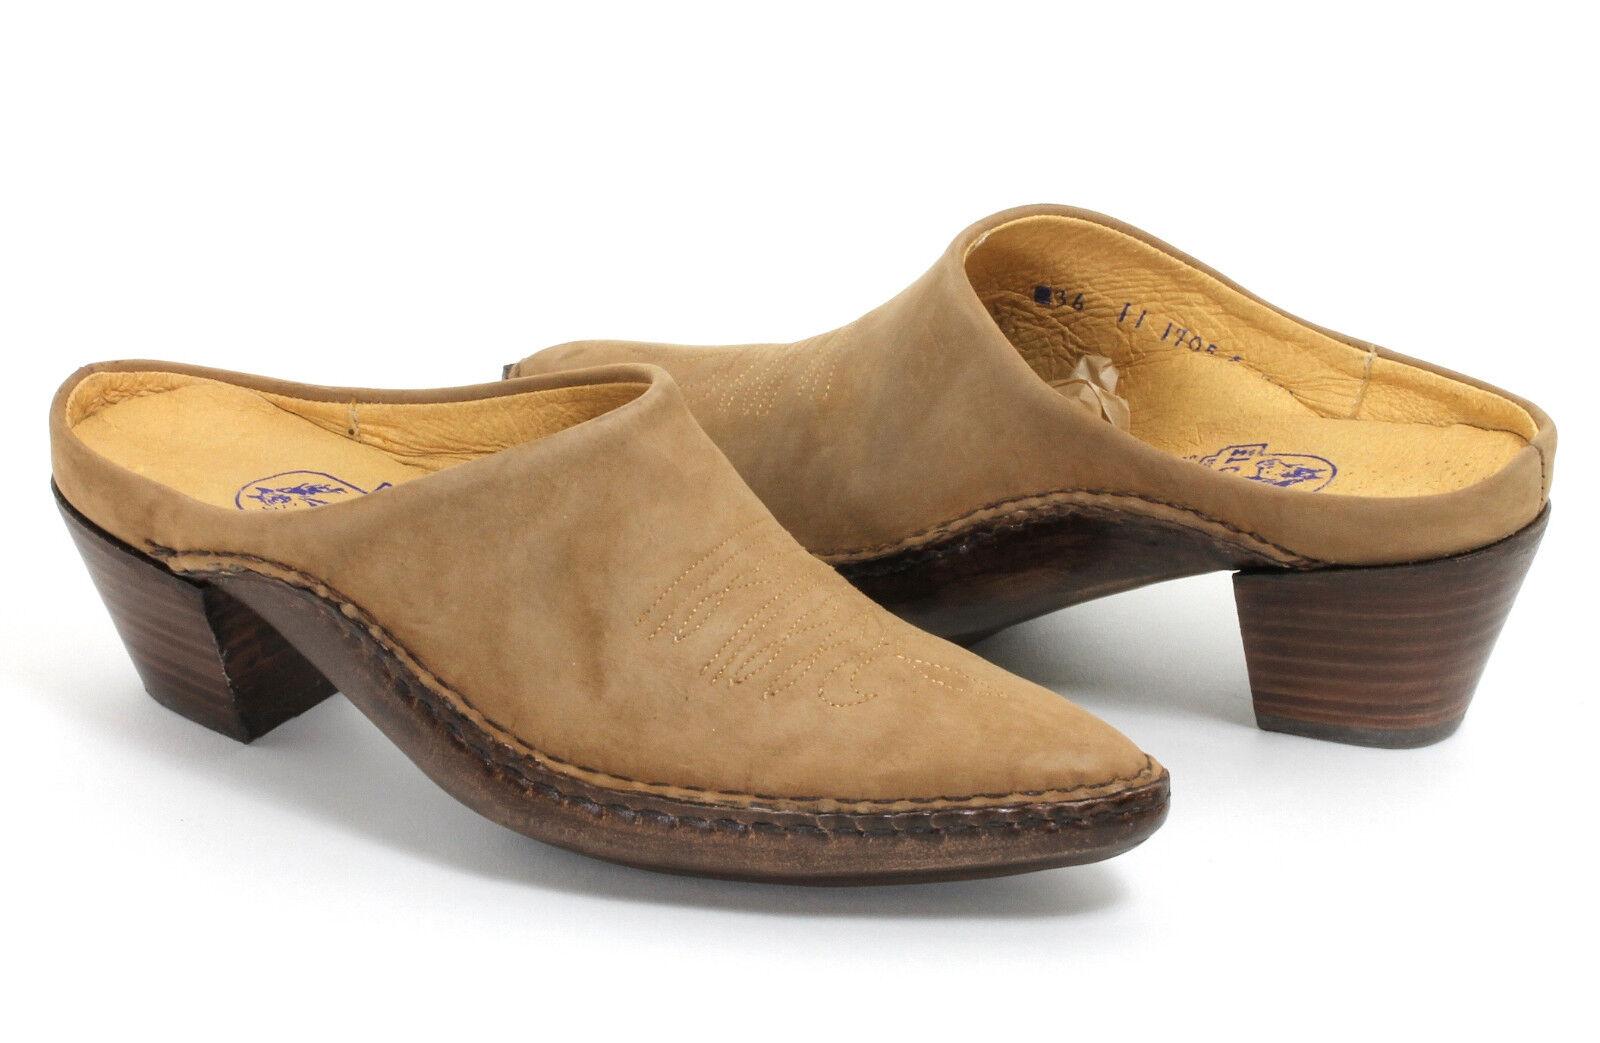 Cowboystiefel Westernstiefel Pantoletten Texas Stiefel 36 Catalan Style El Canelo 36 Stiefel 0df46d